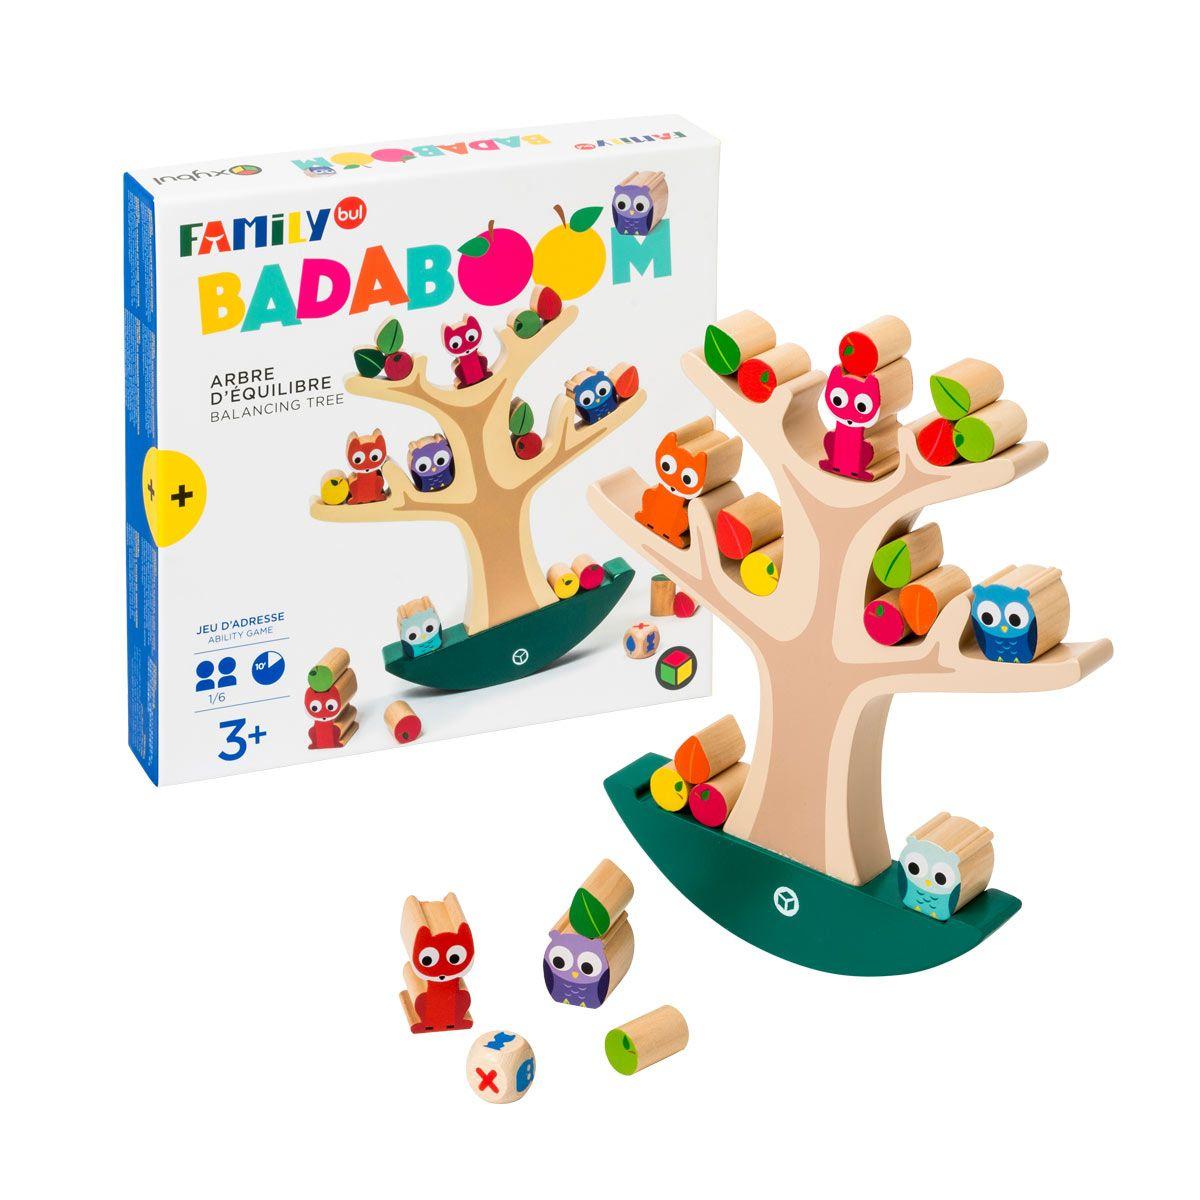 Jeu De Société L'arbre D'équilibre Badaboom Familybul encequiconcerne Jeux Pour Enfant De 3 Ans